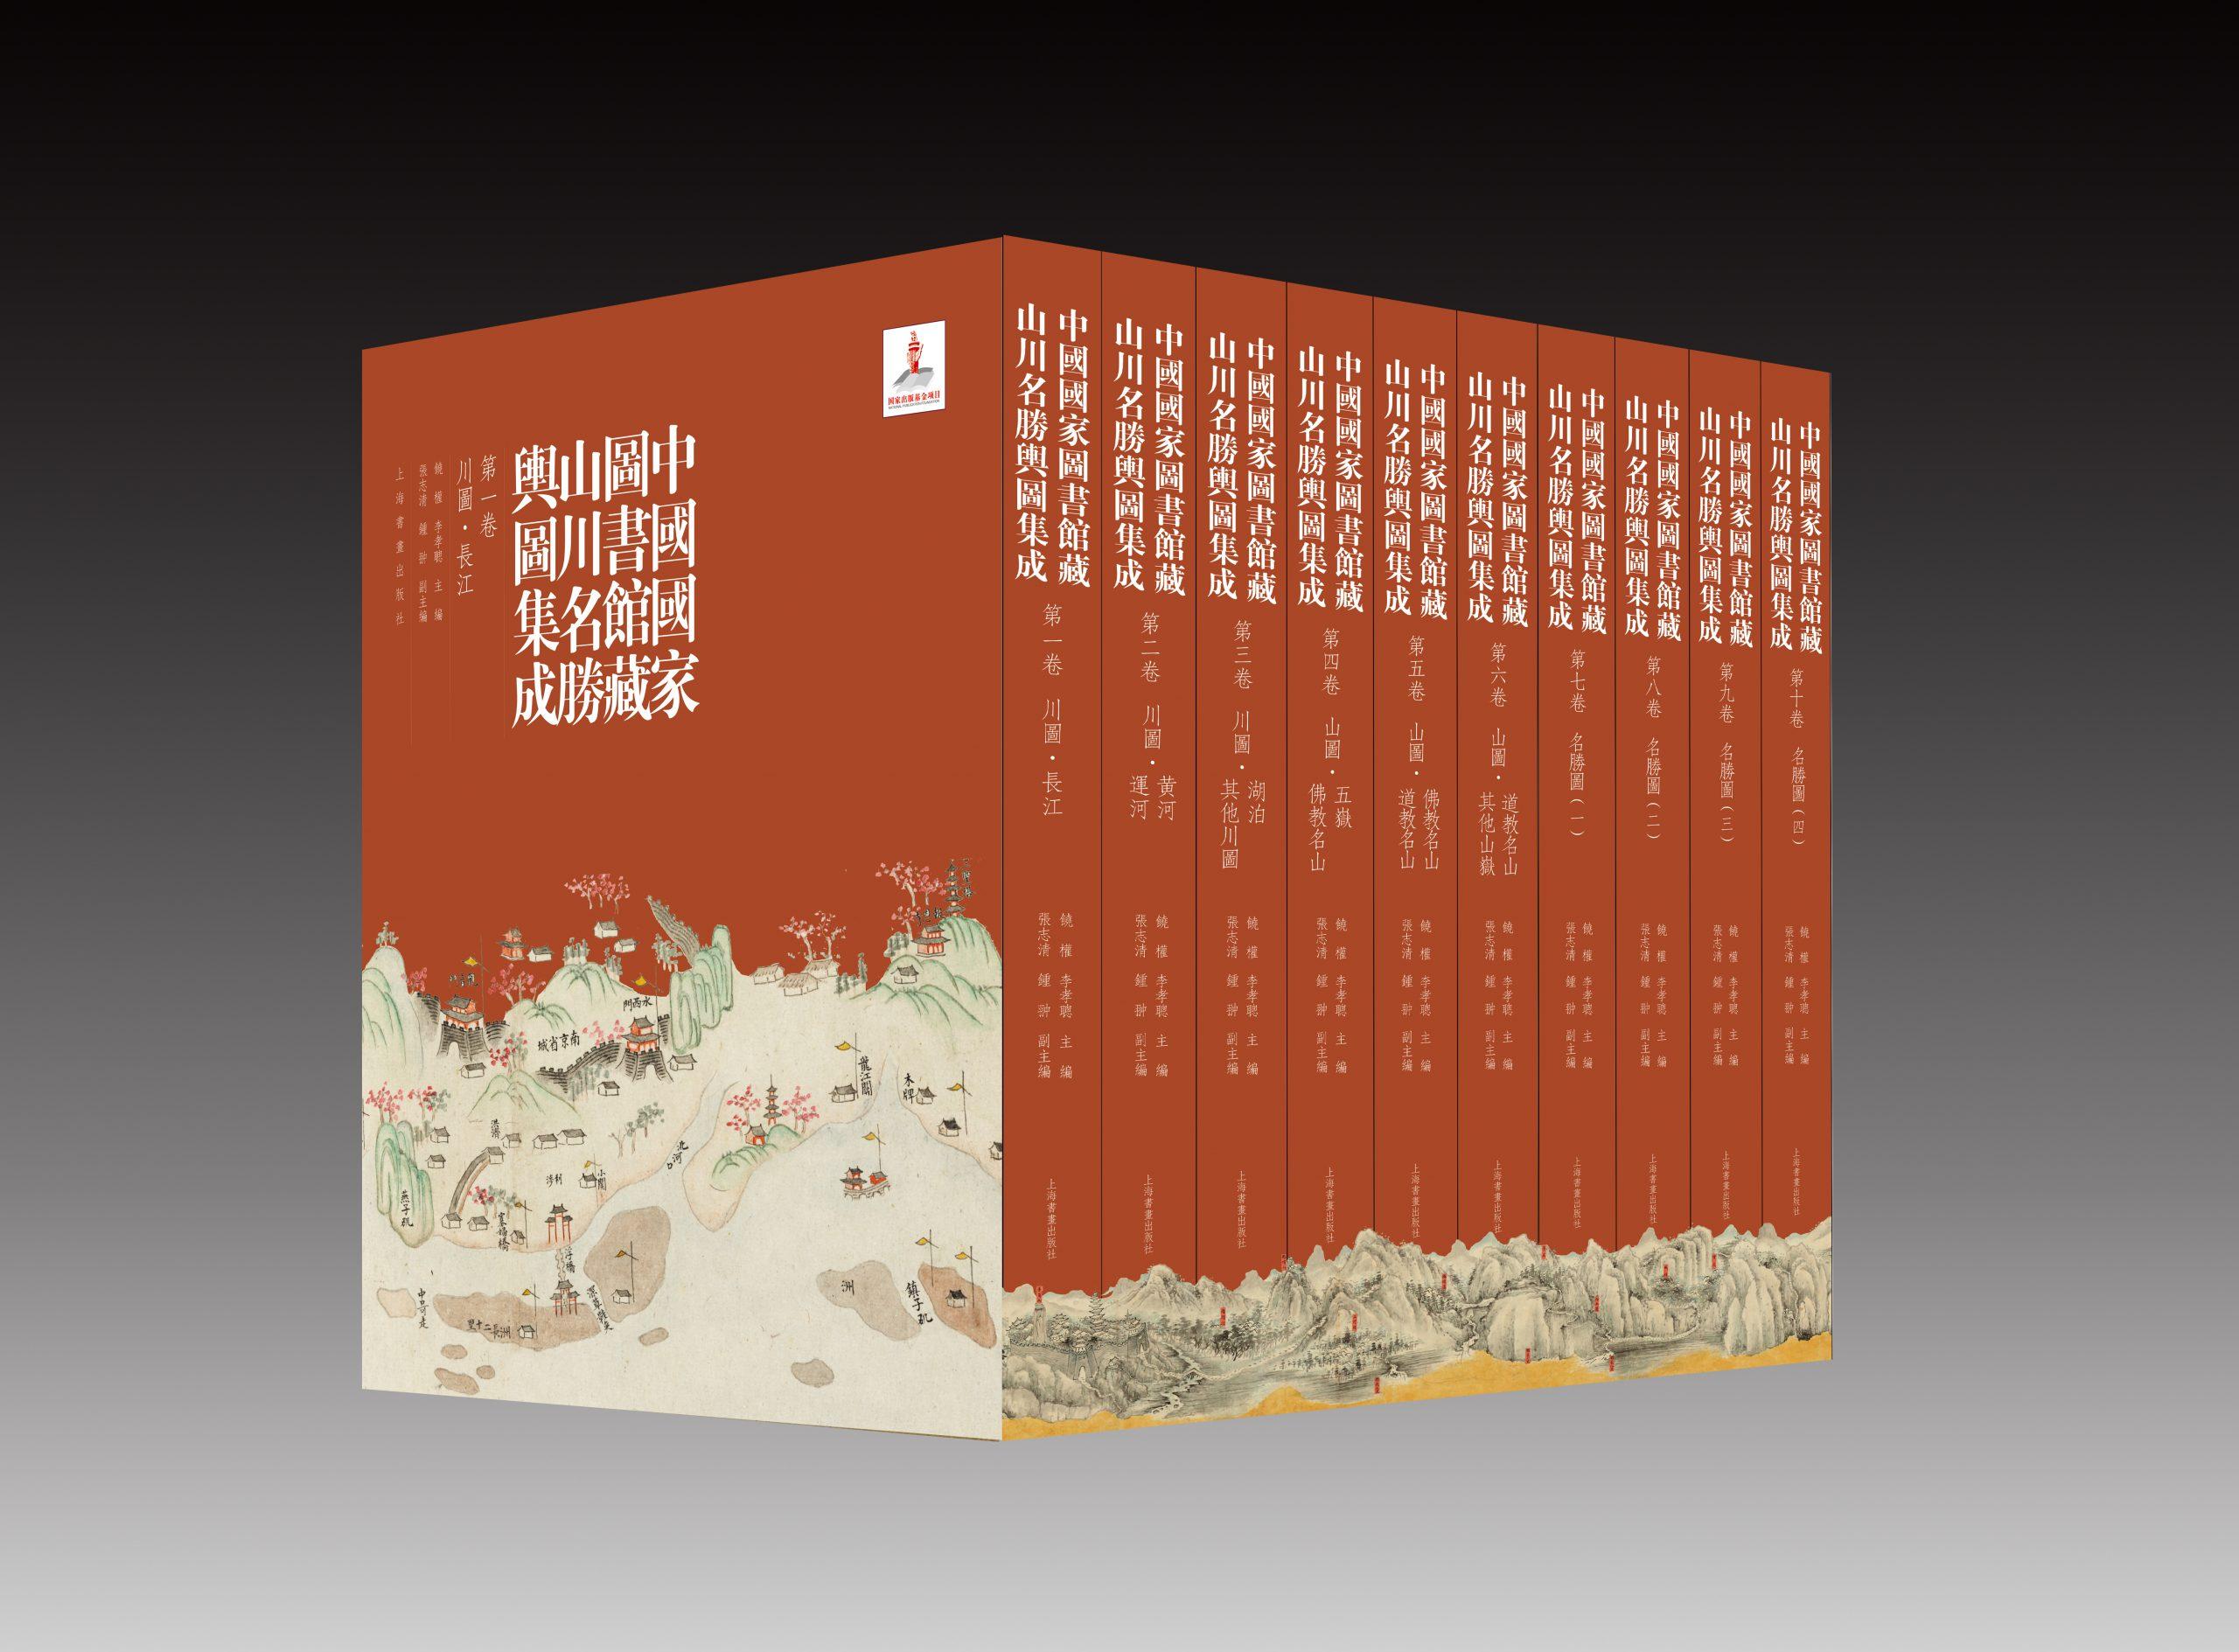 《中国国家图书馆藏山川名胜舆图集成》2021年5月全球首发,填补古代历史地理与中国传统文化研究领域空白-出版人杂志官网